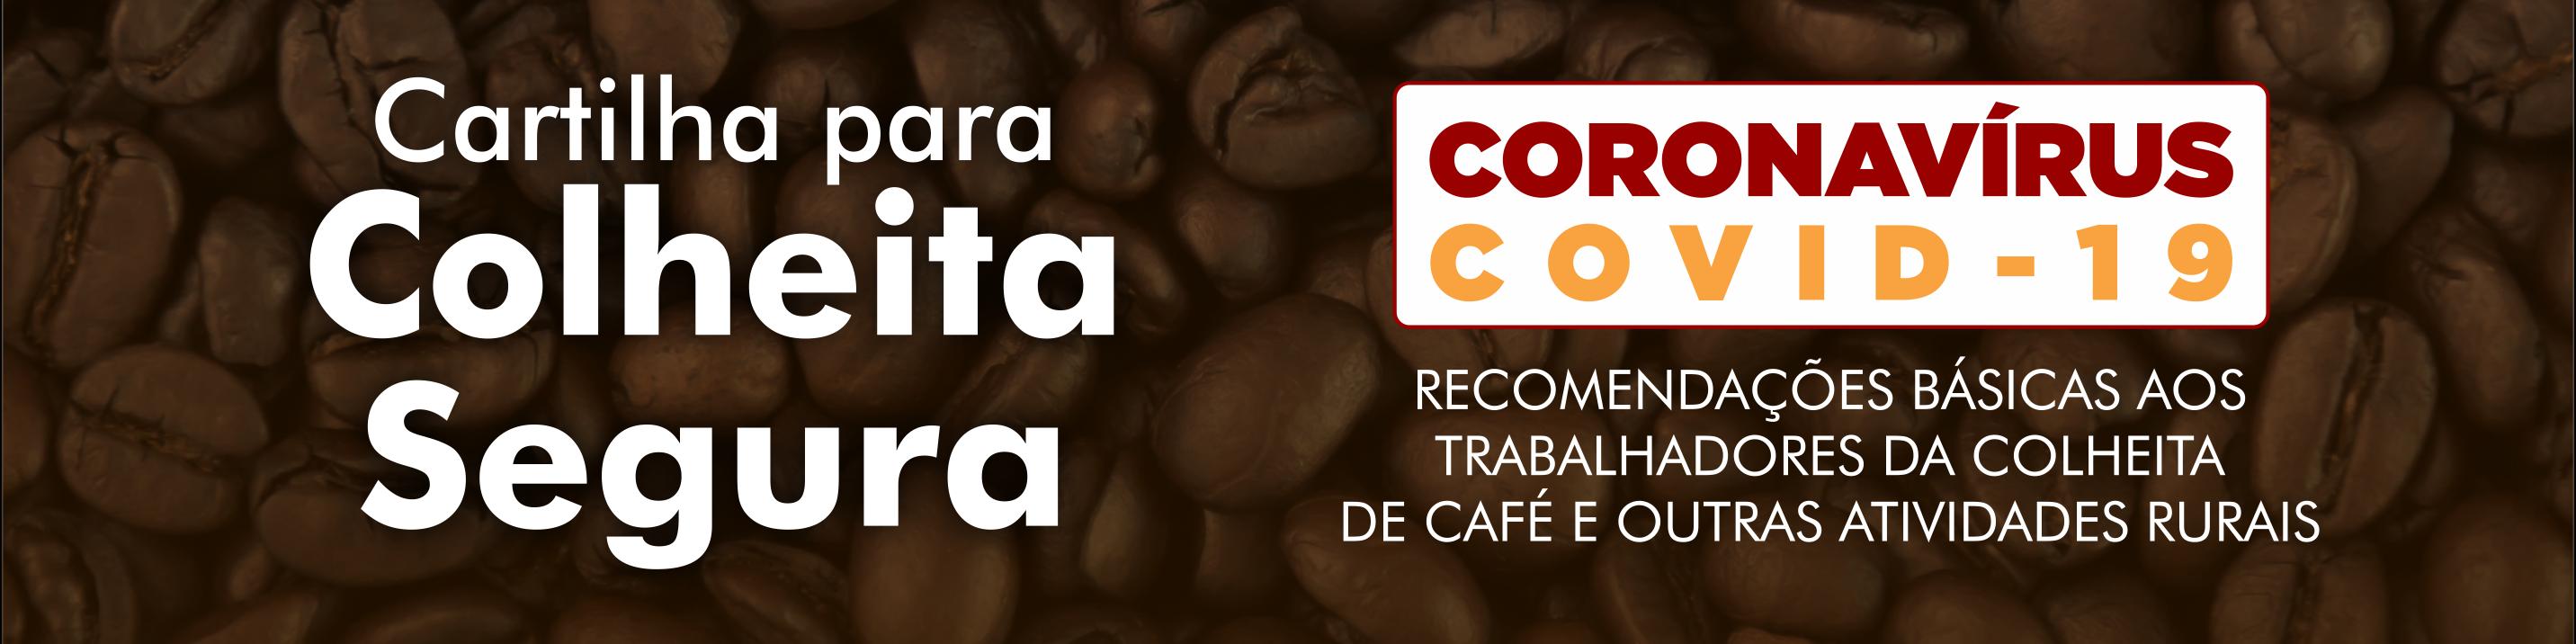 Colheita do Café - Orientações para prevenção do Coronavírus